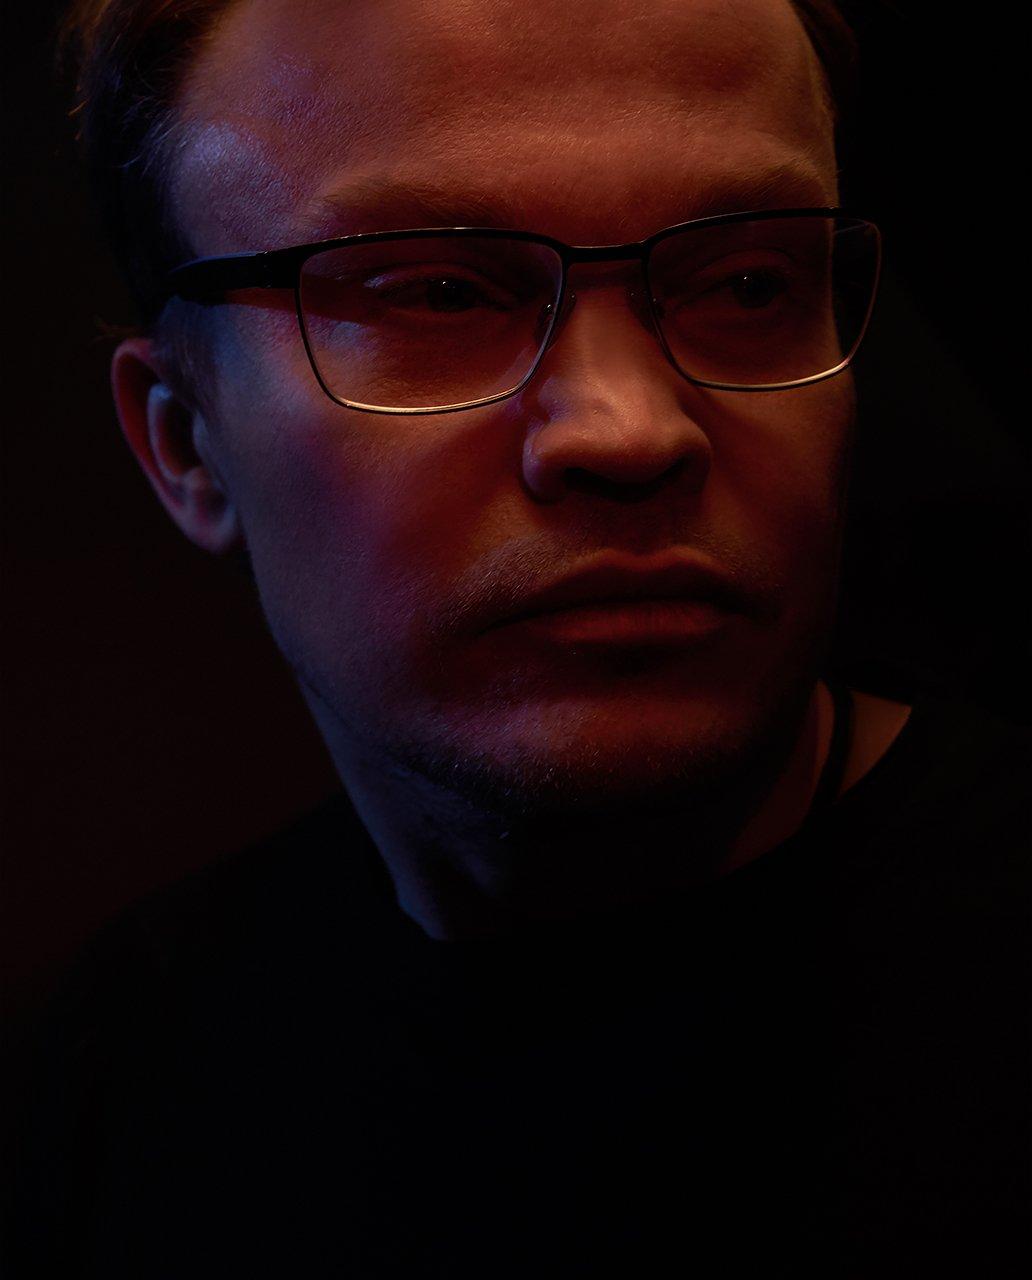 градиент, очки, синий, красный, черный фон, мужской, портрет , Комарова Дарья